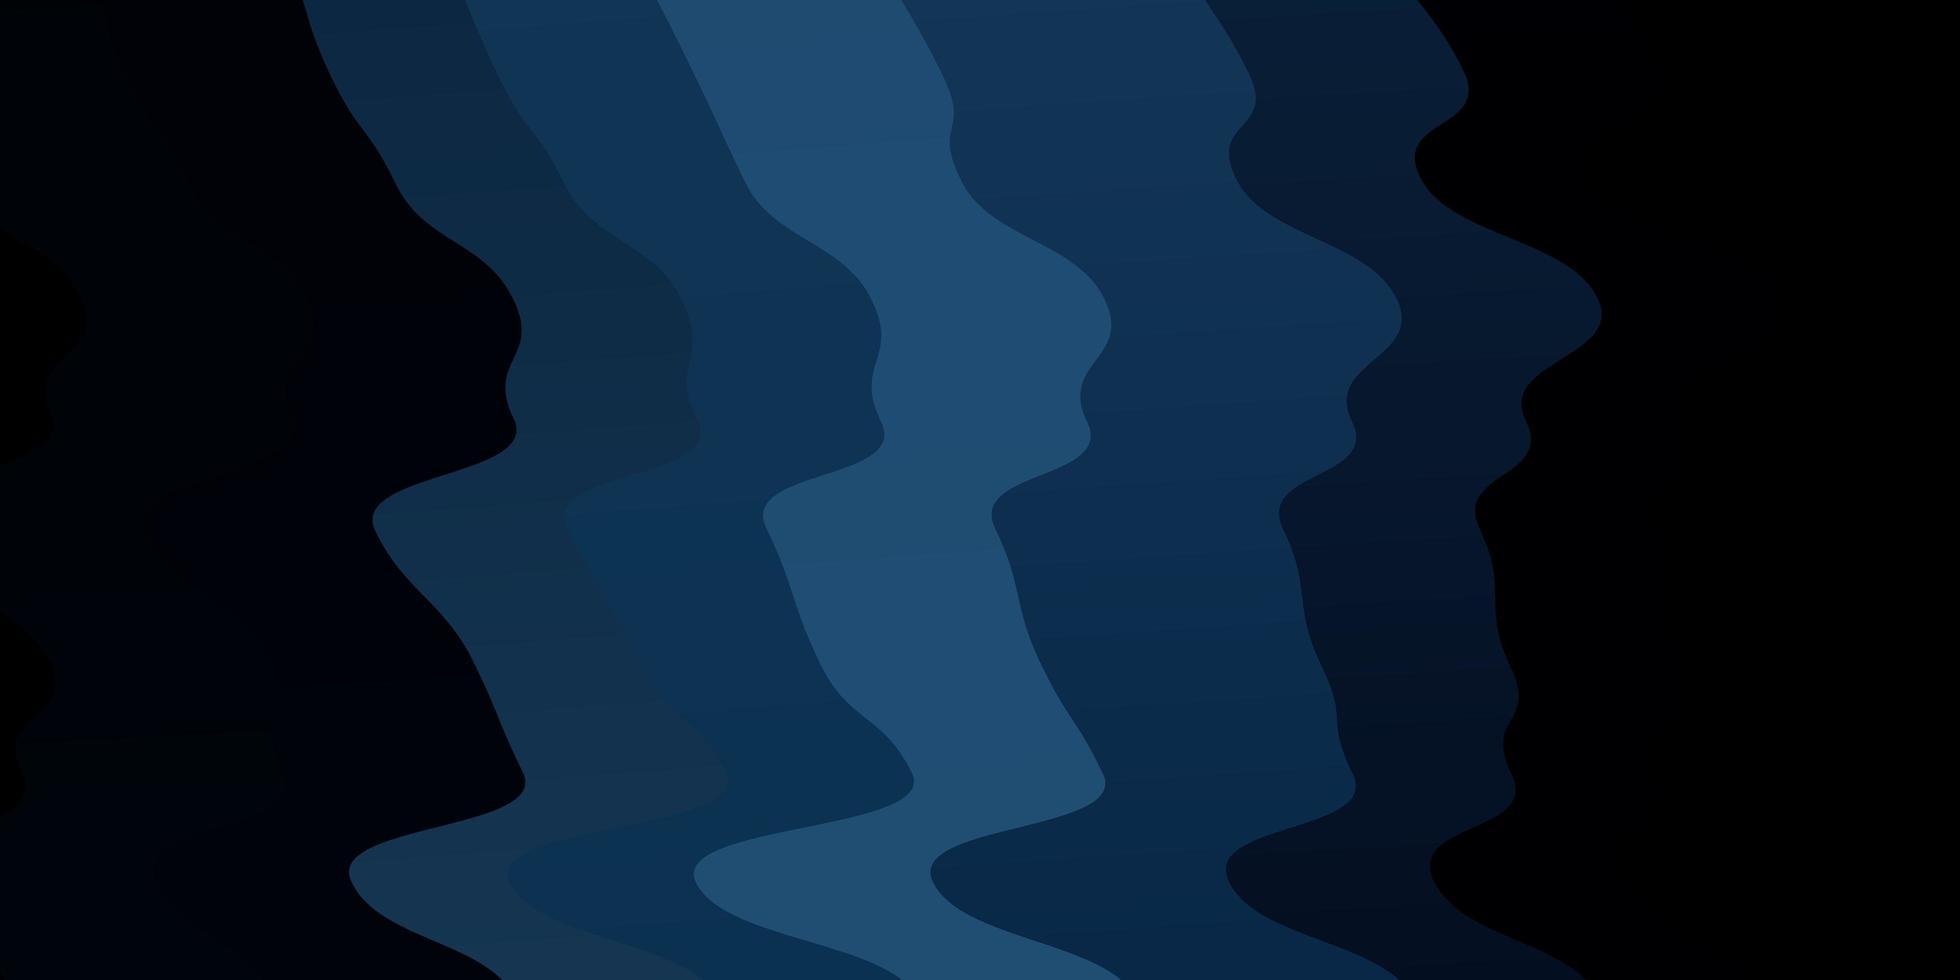 toile de fond de vecteur bleu foncé avec arc circulaire.